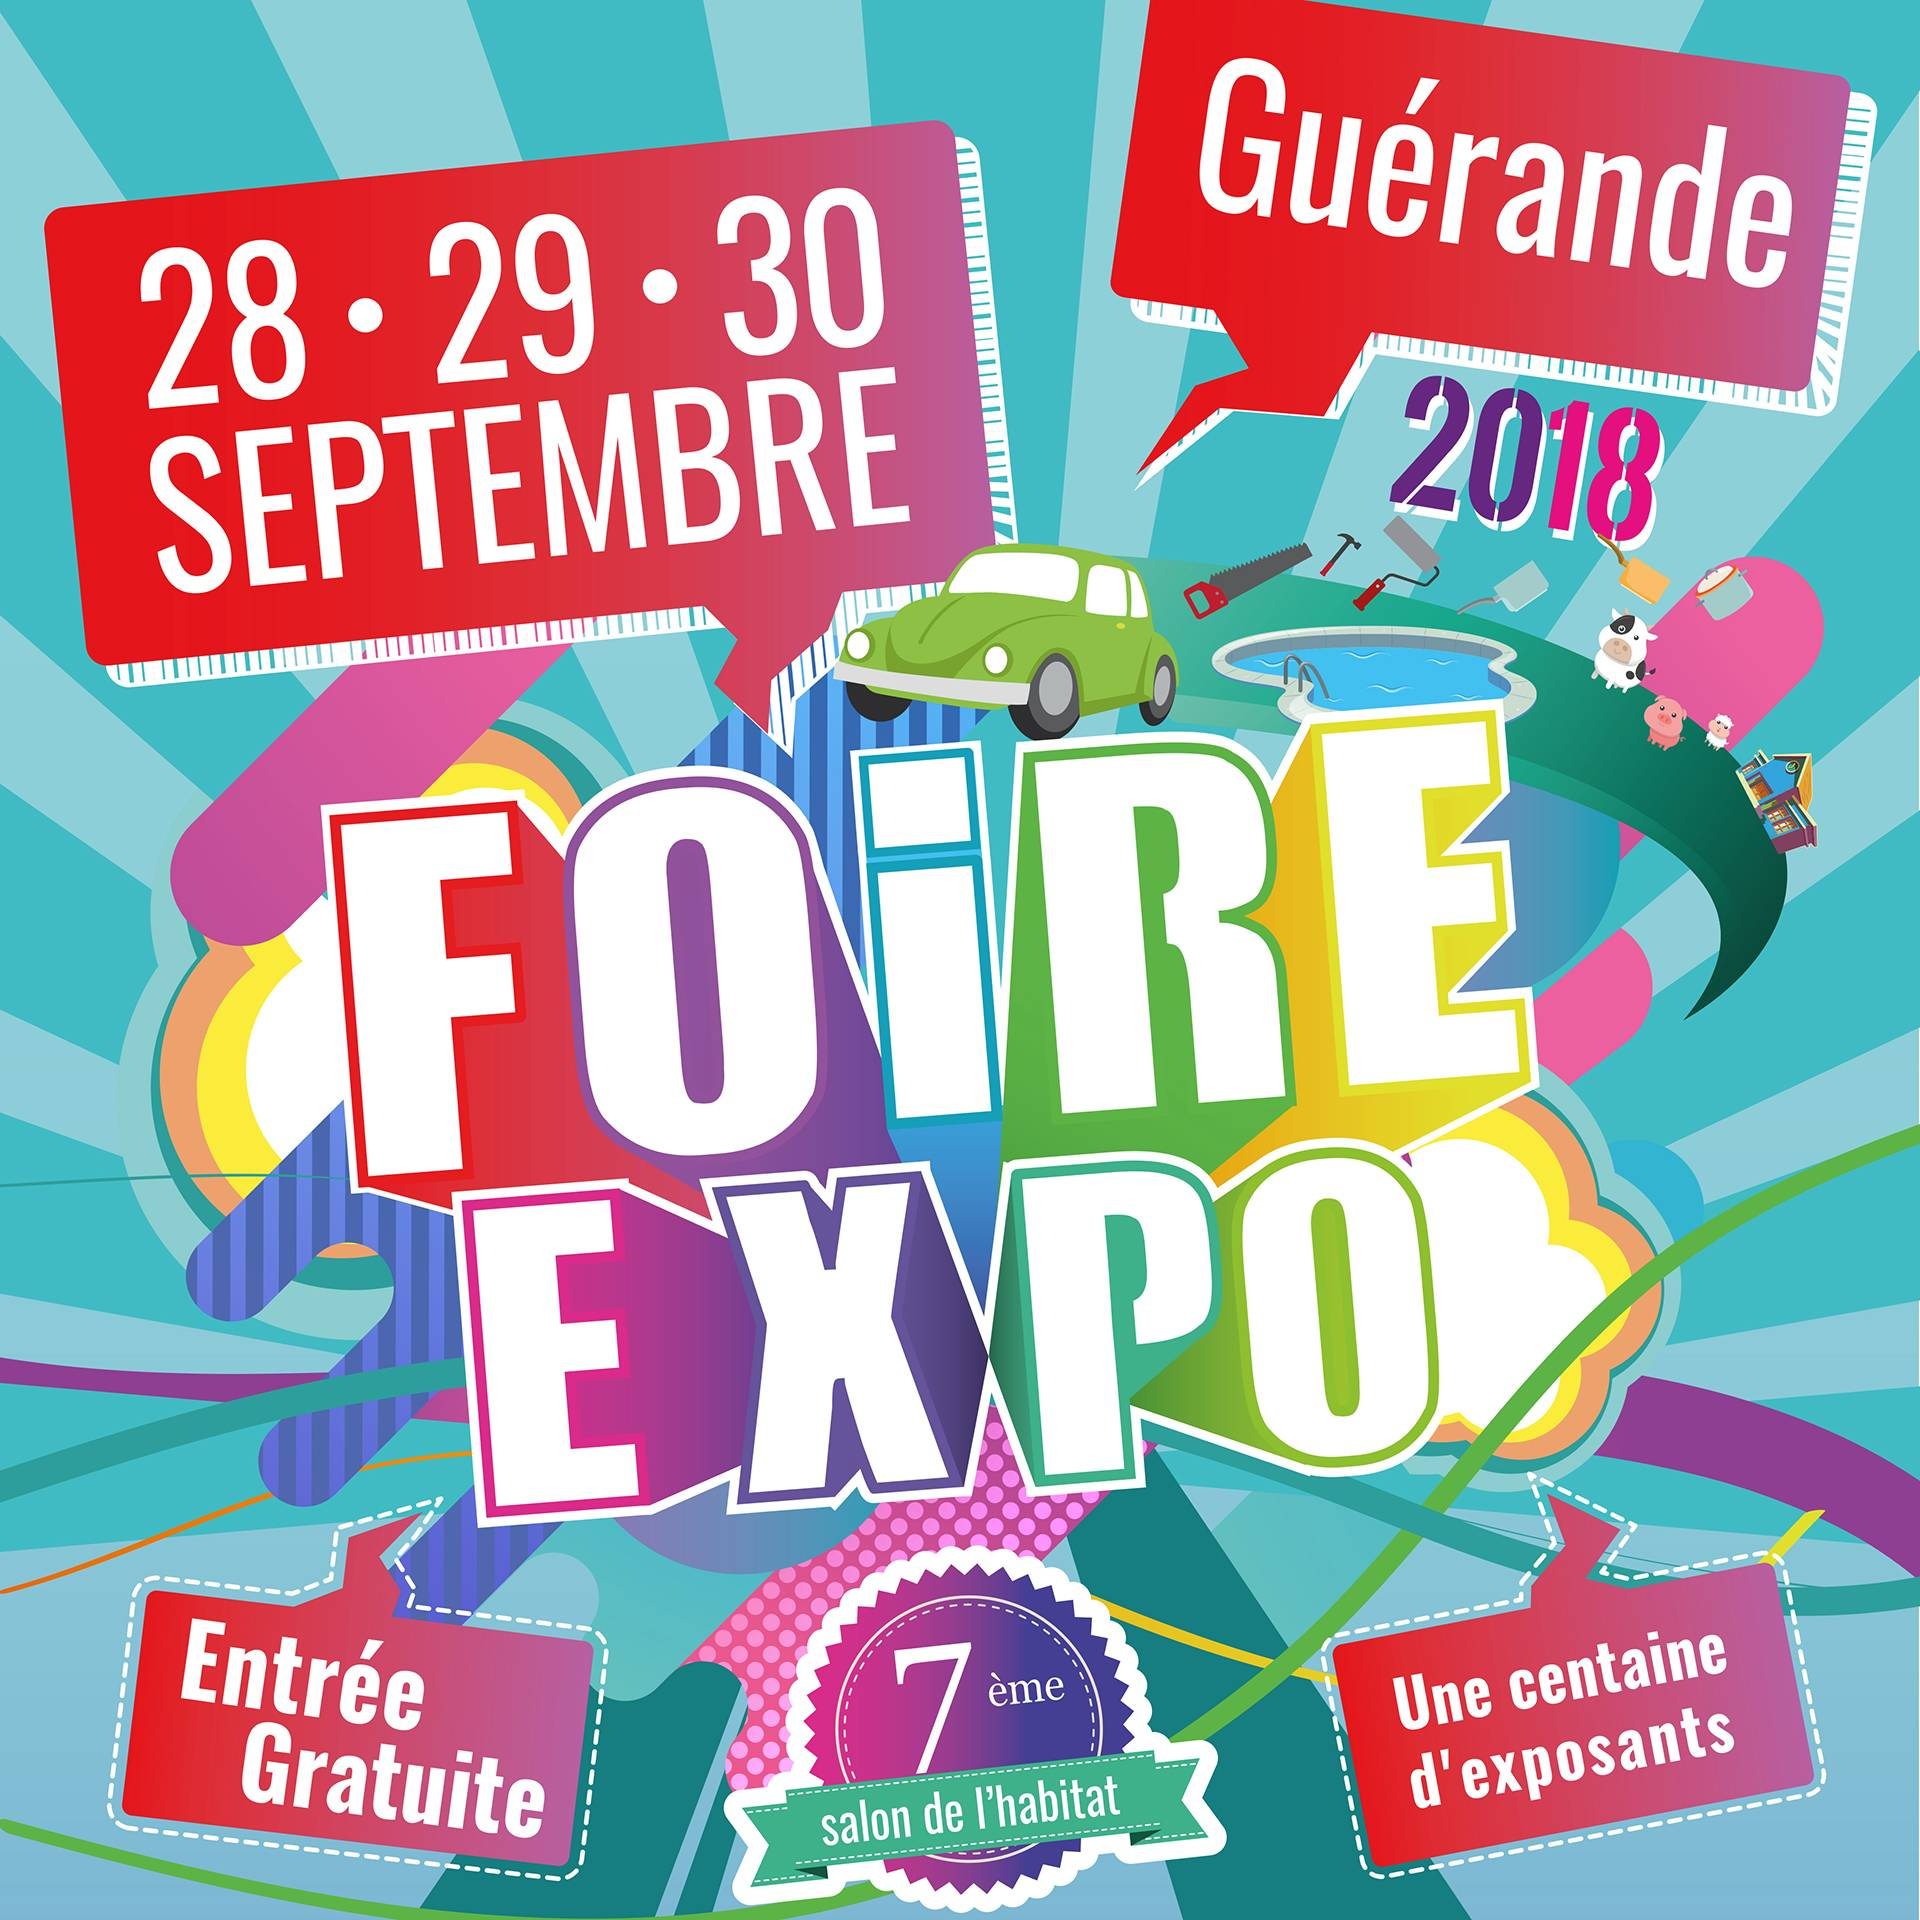 Retrouvez les intervenants du Cisn au Salon de l'Habitat et Foire Expo de Guérande le 28, 29 et 30 septembre 2018